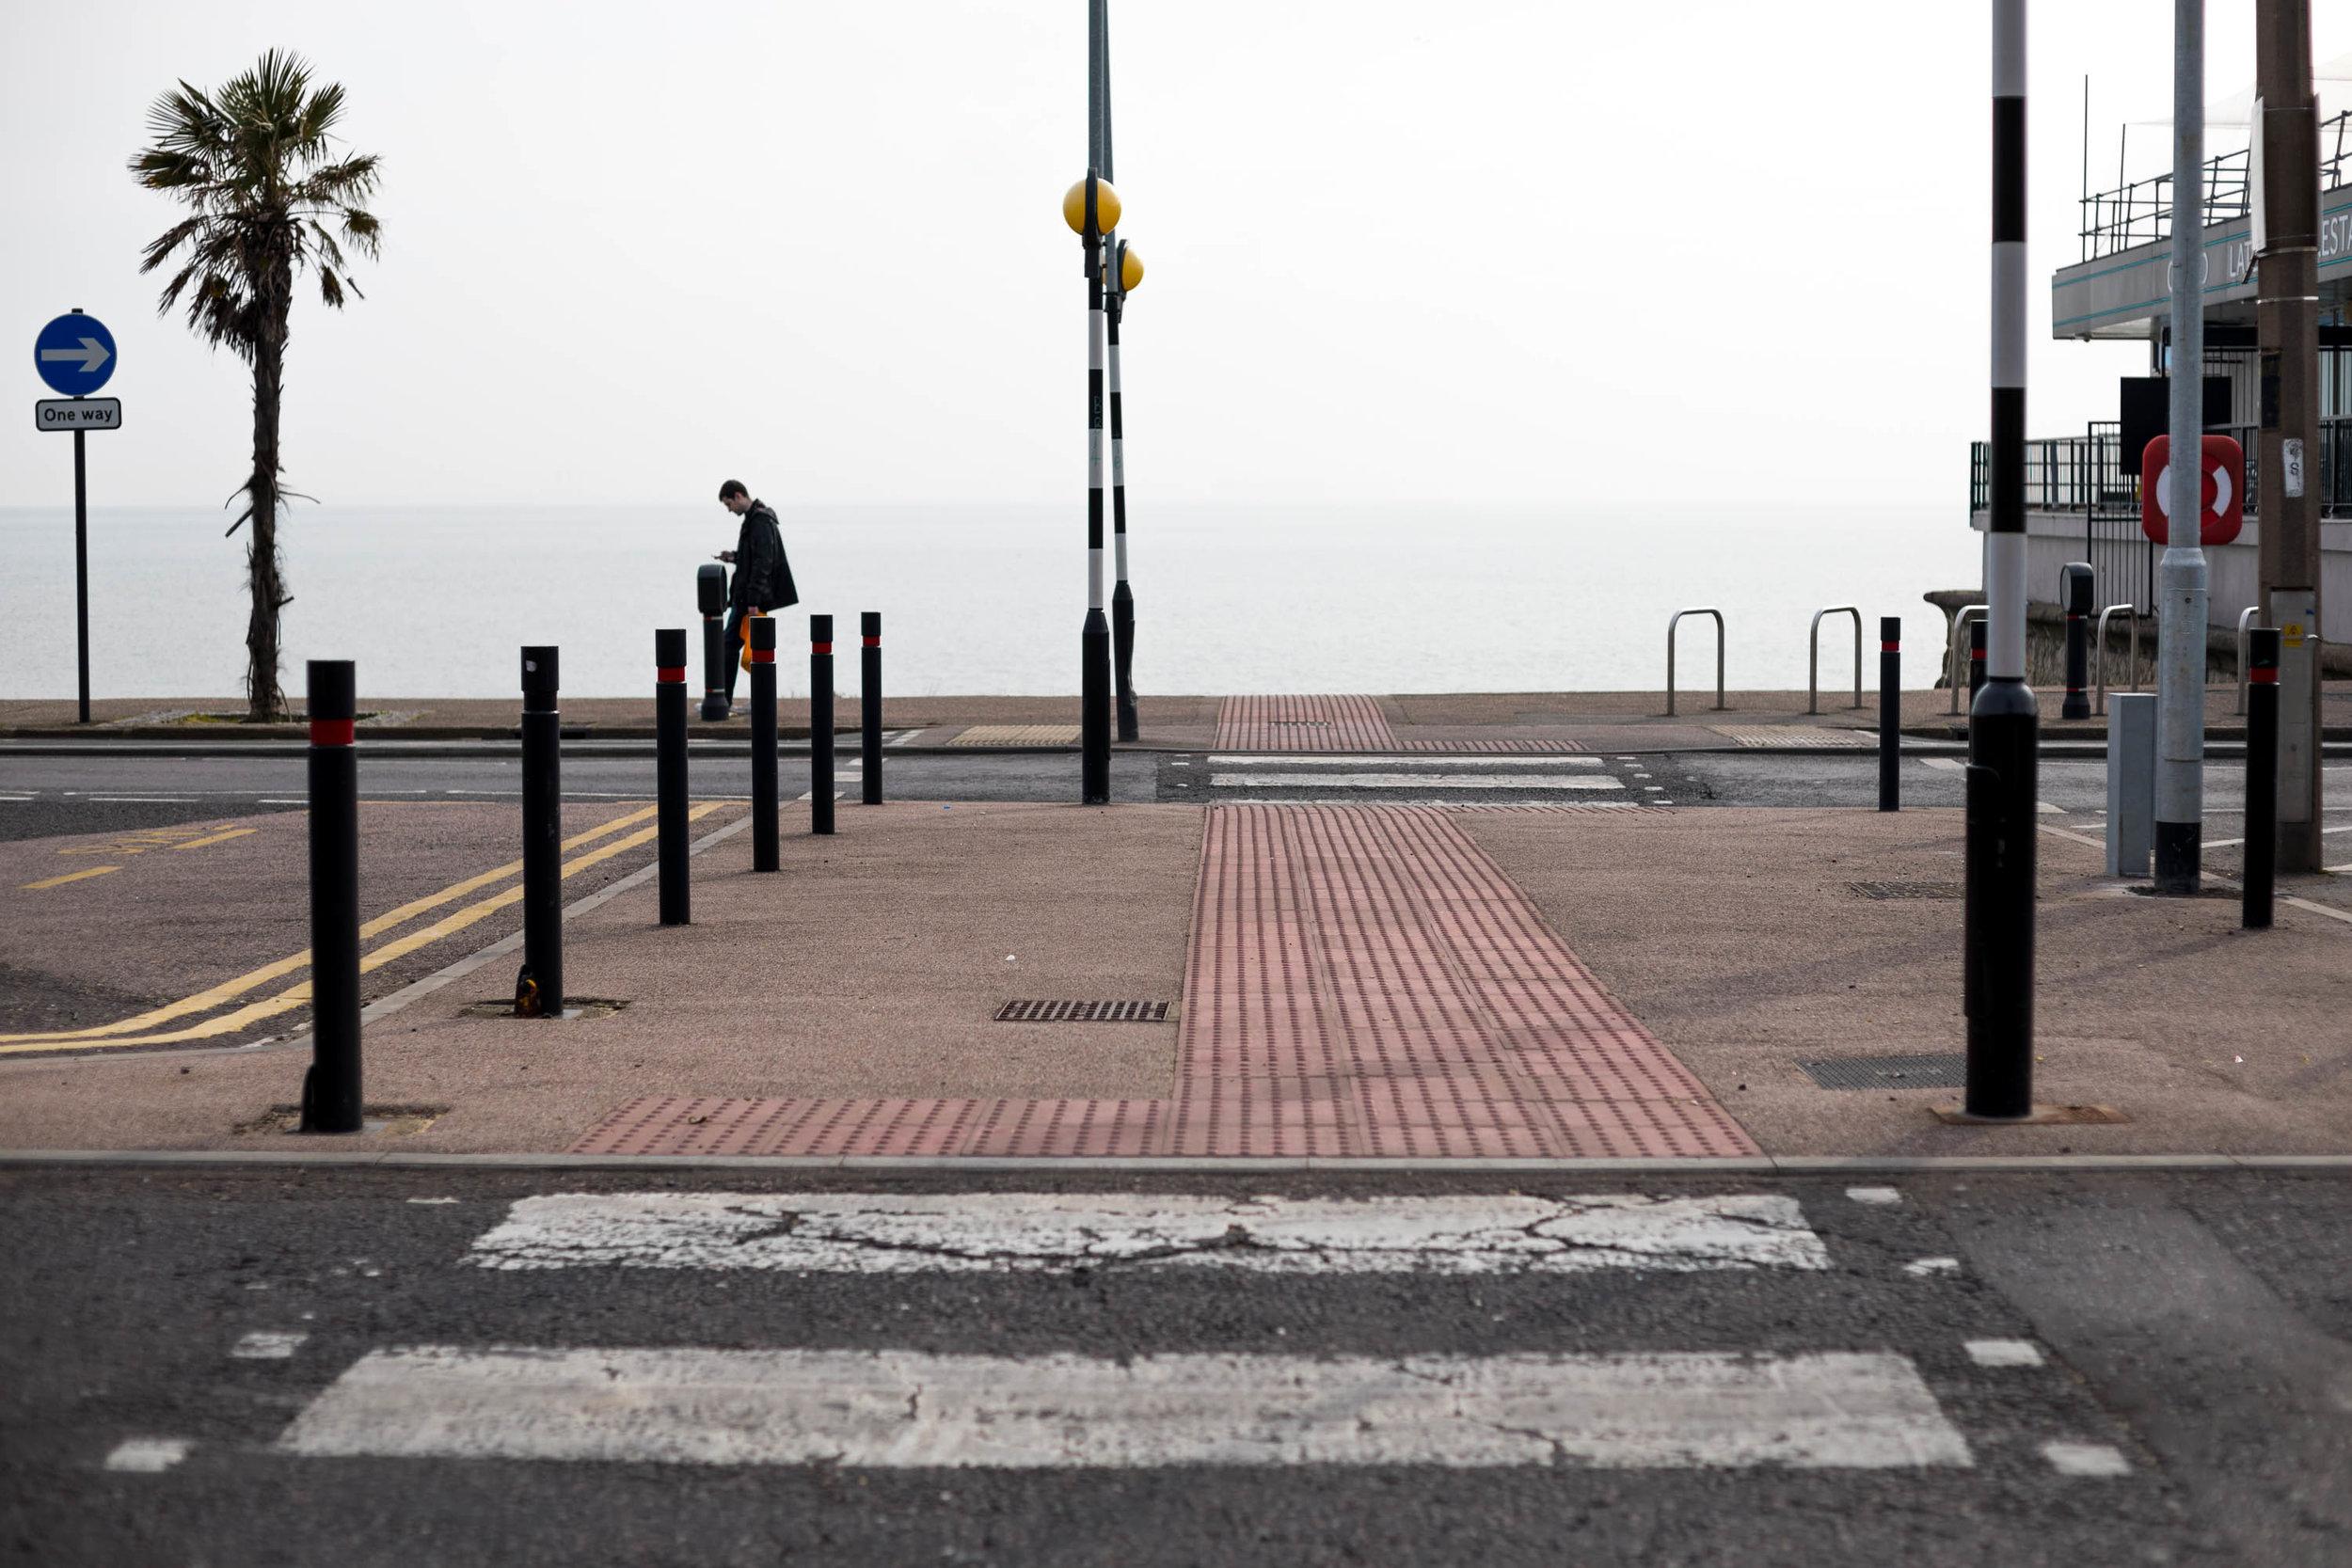 One way_3000px-60.jpg